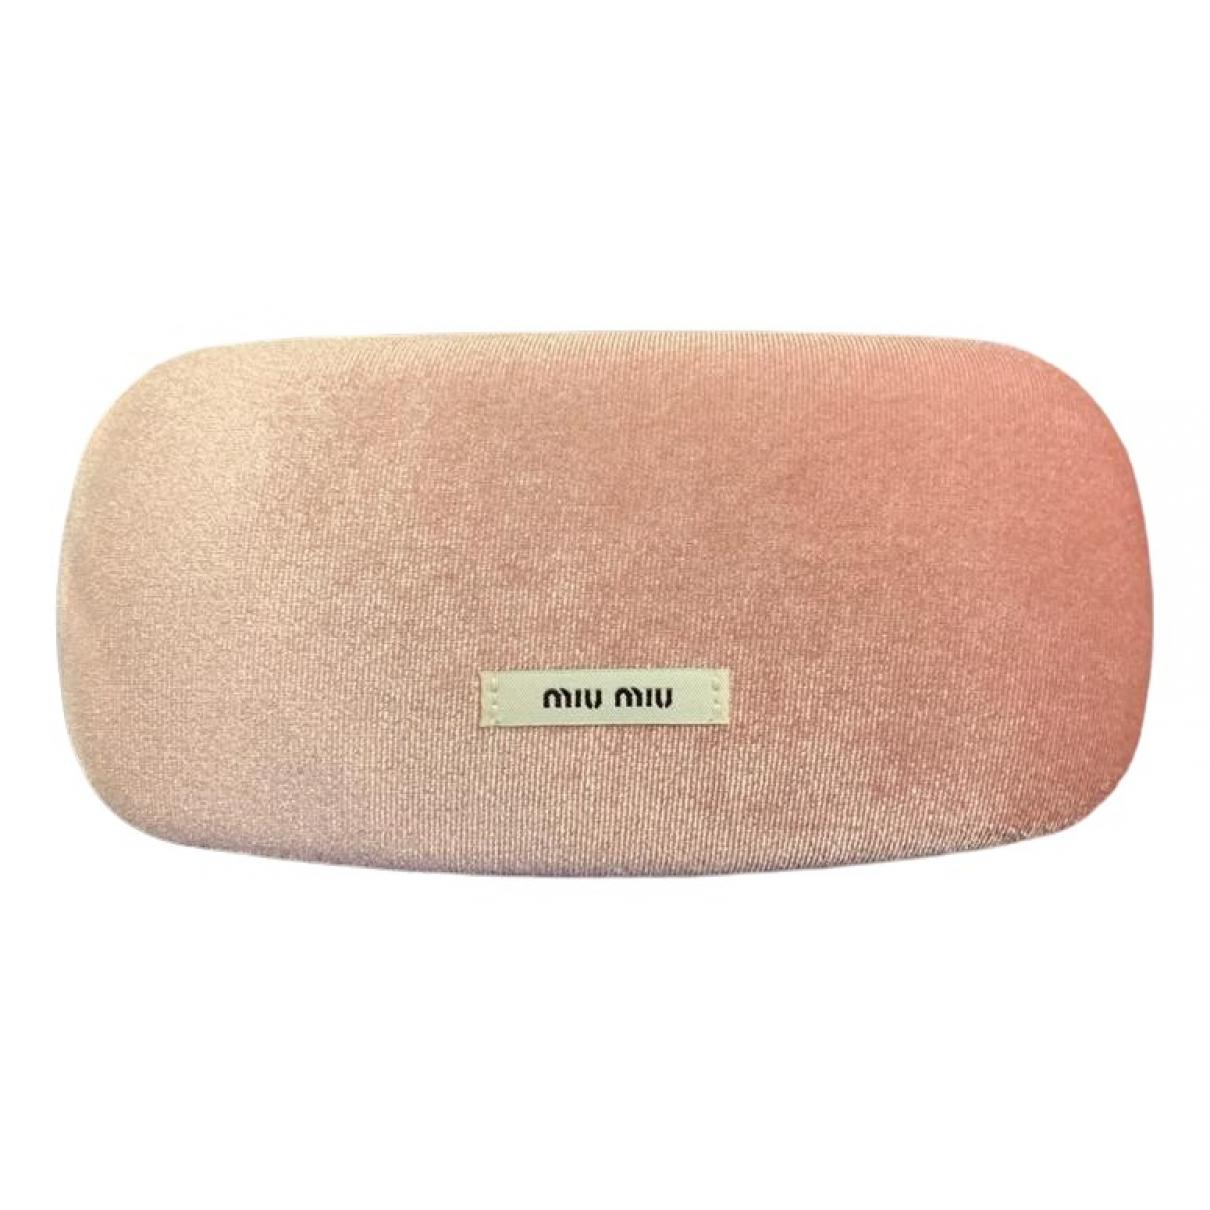 Miu Miu - Objets & Deco   pour lifestyle en velours - rose